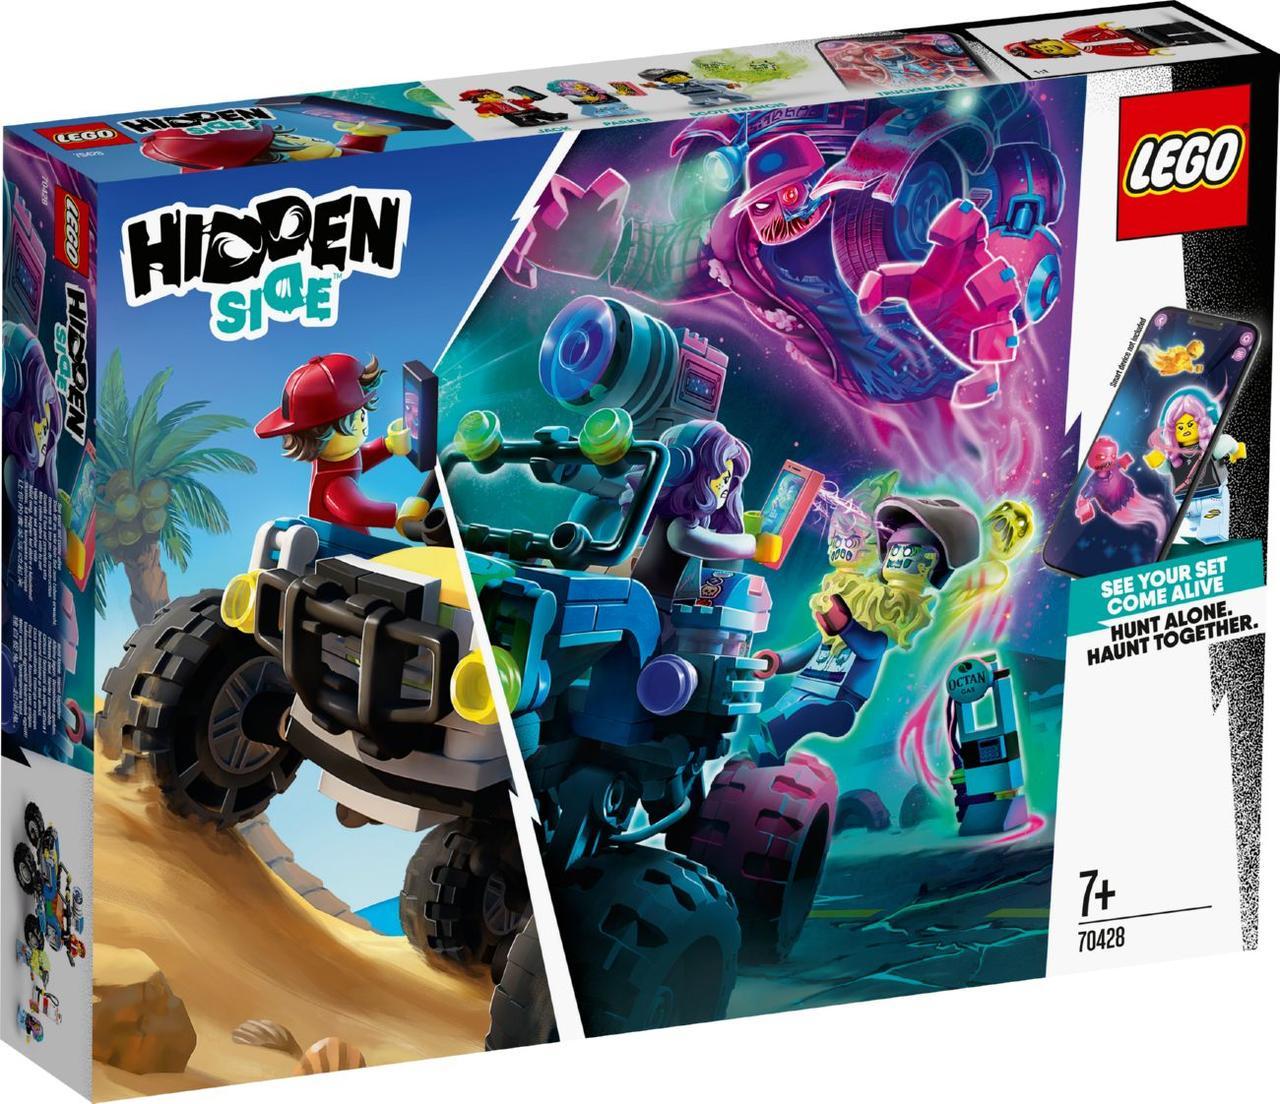 Детский Конструктор Lego Hidden Side Пляжный багги Джека 70428